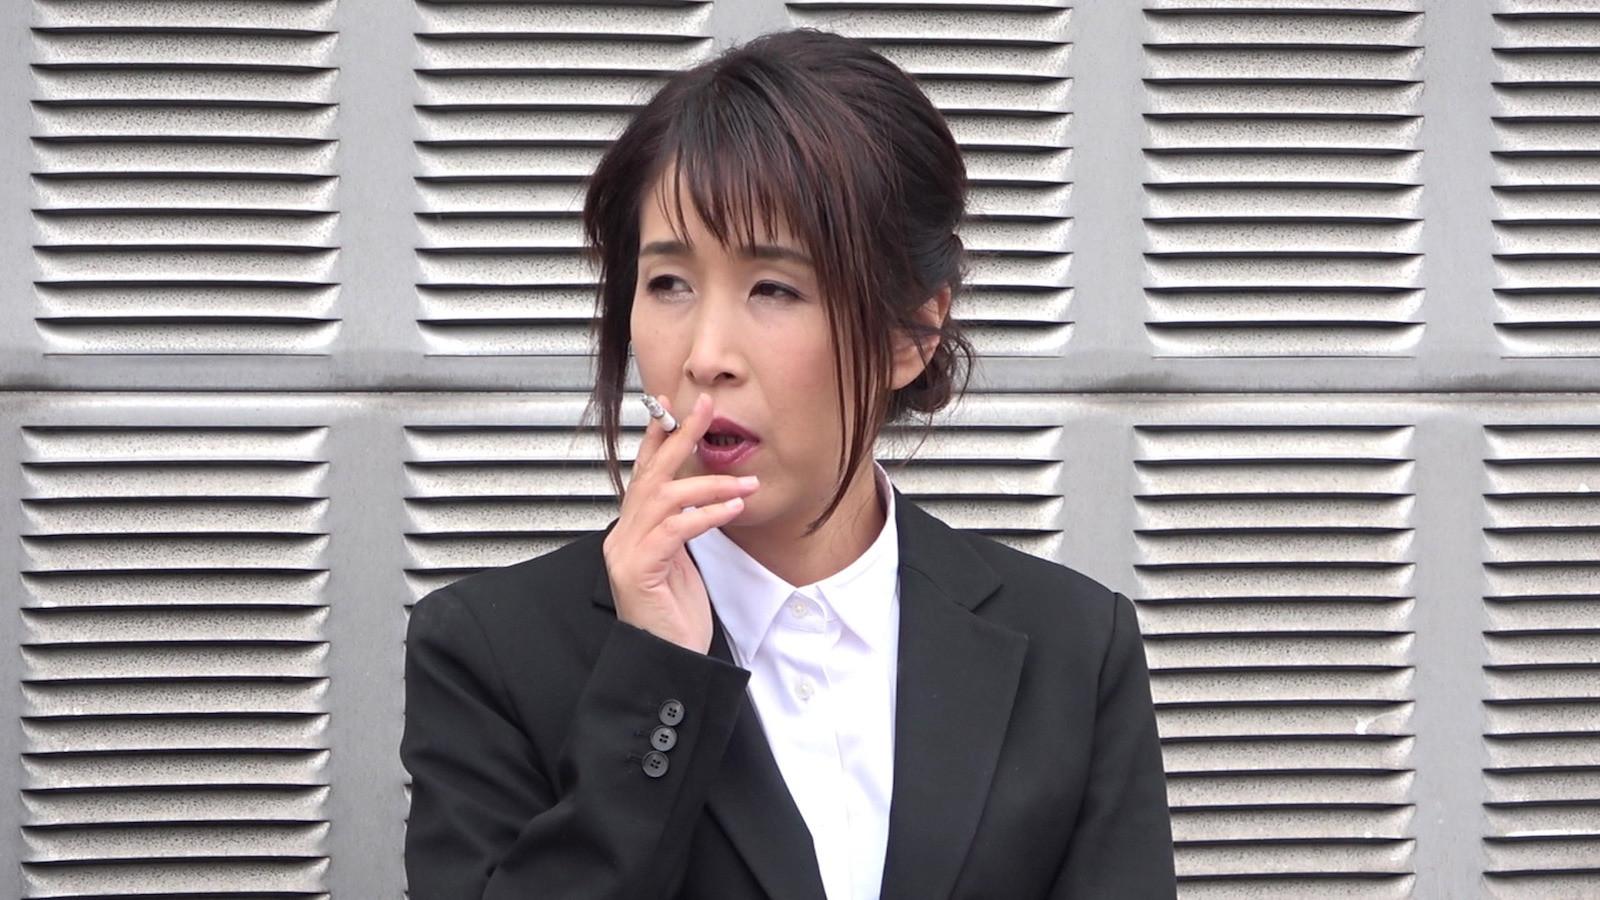 元タクシー女運転手 ~告白実話ドラマ~ 冴木塔子 画像1